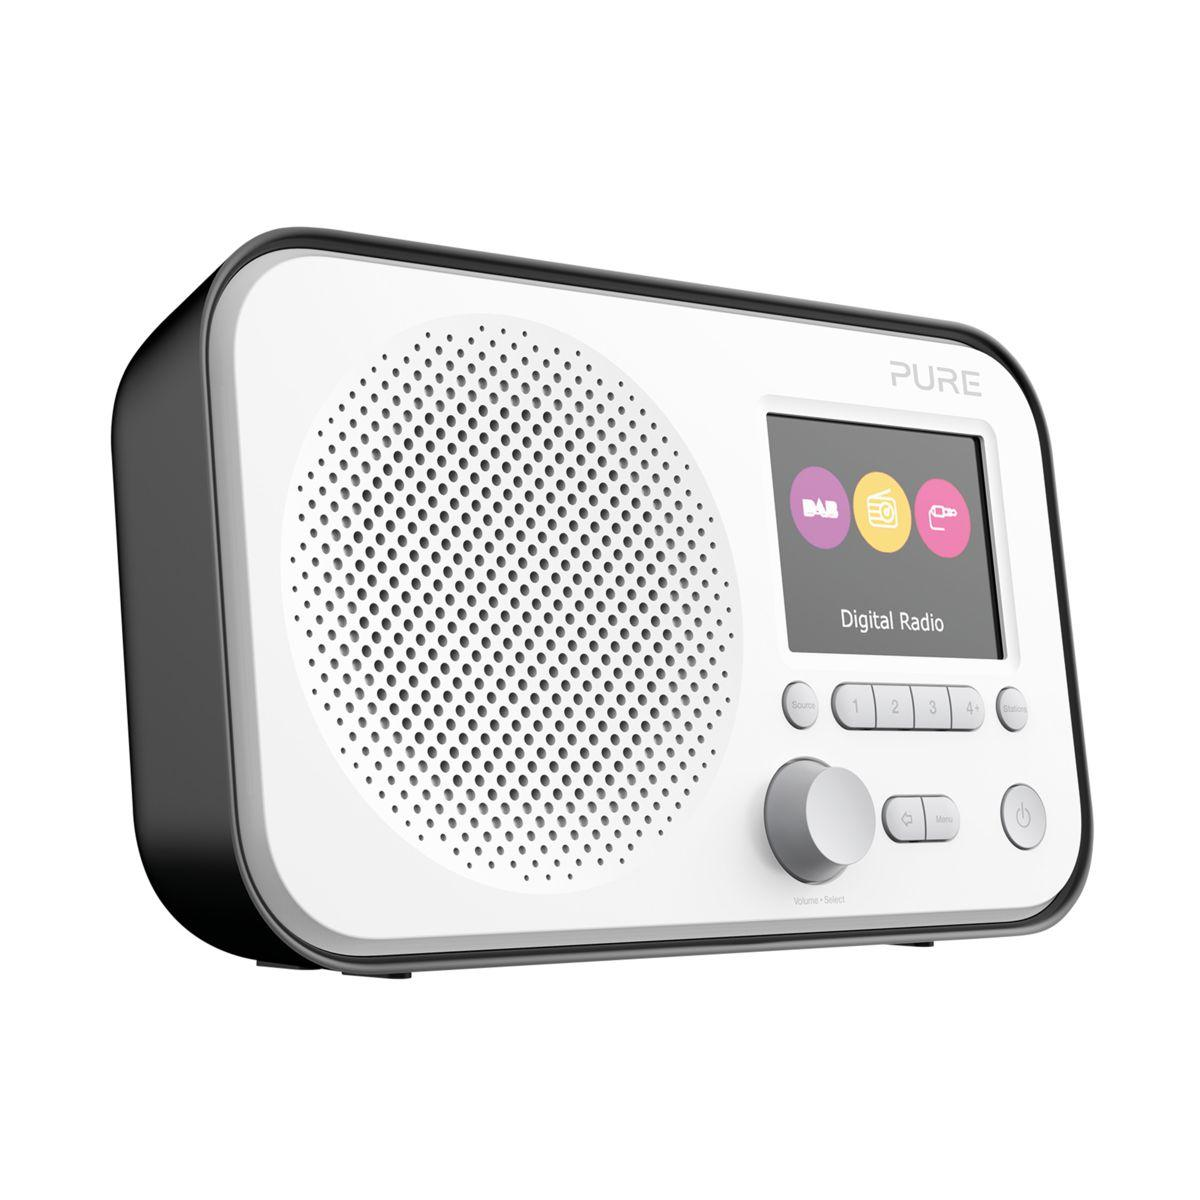 Radio num�rique pure elan e3 noir - livraison offerte : code premium